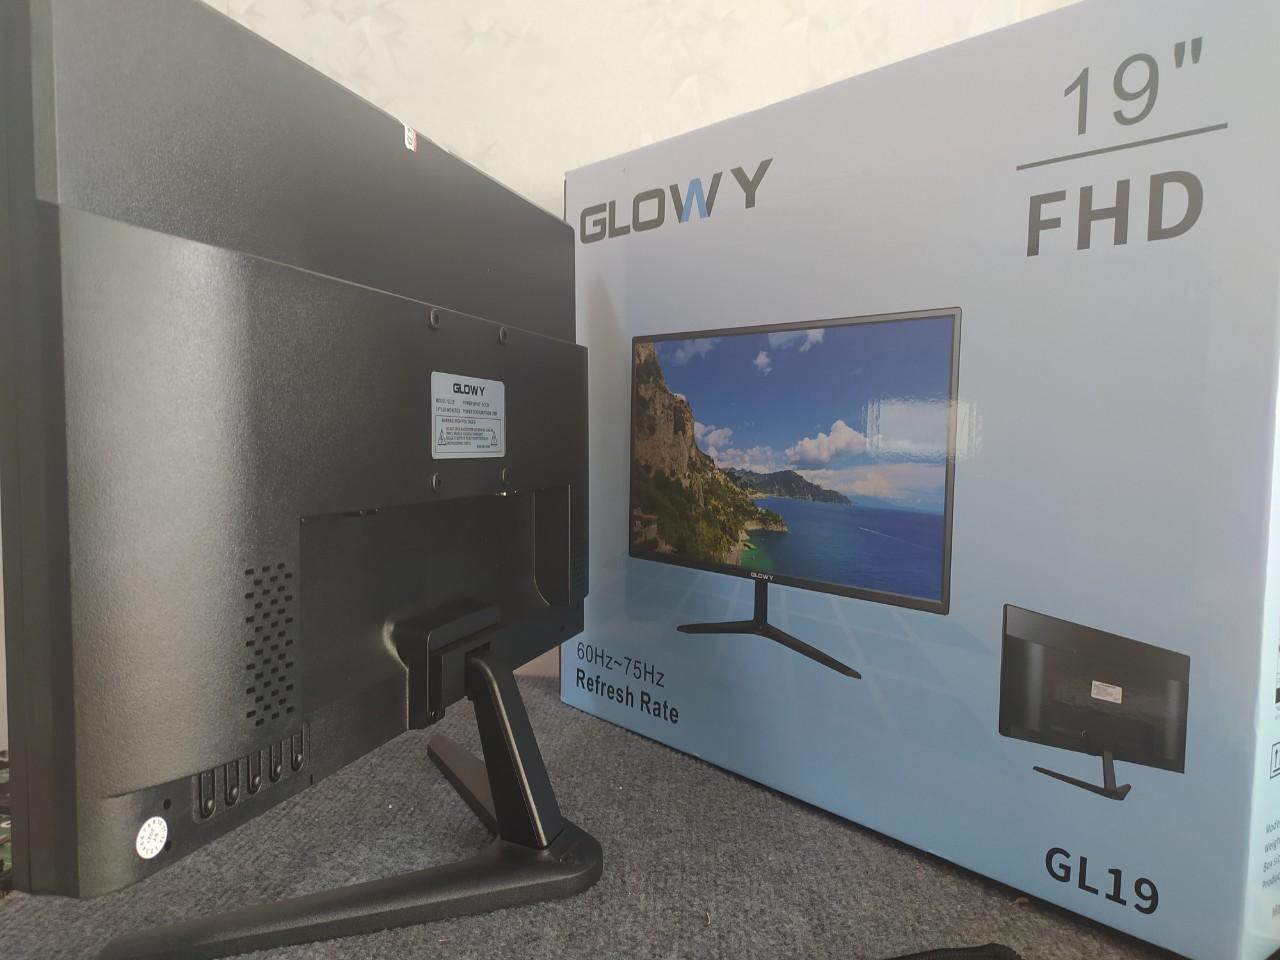 màn-hình-glowy-mới